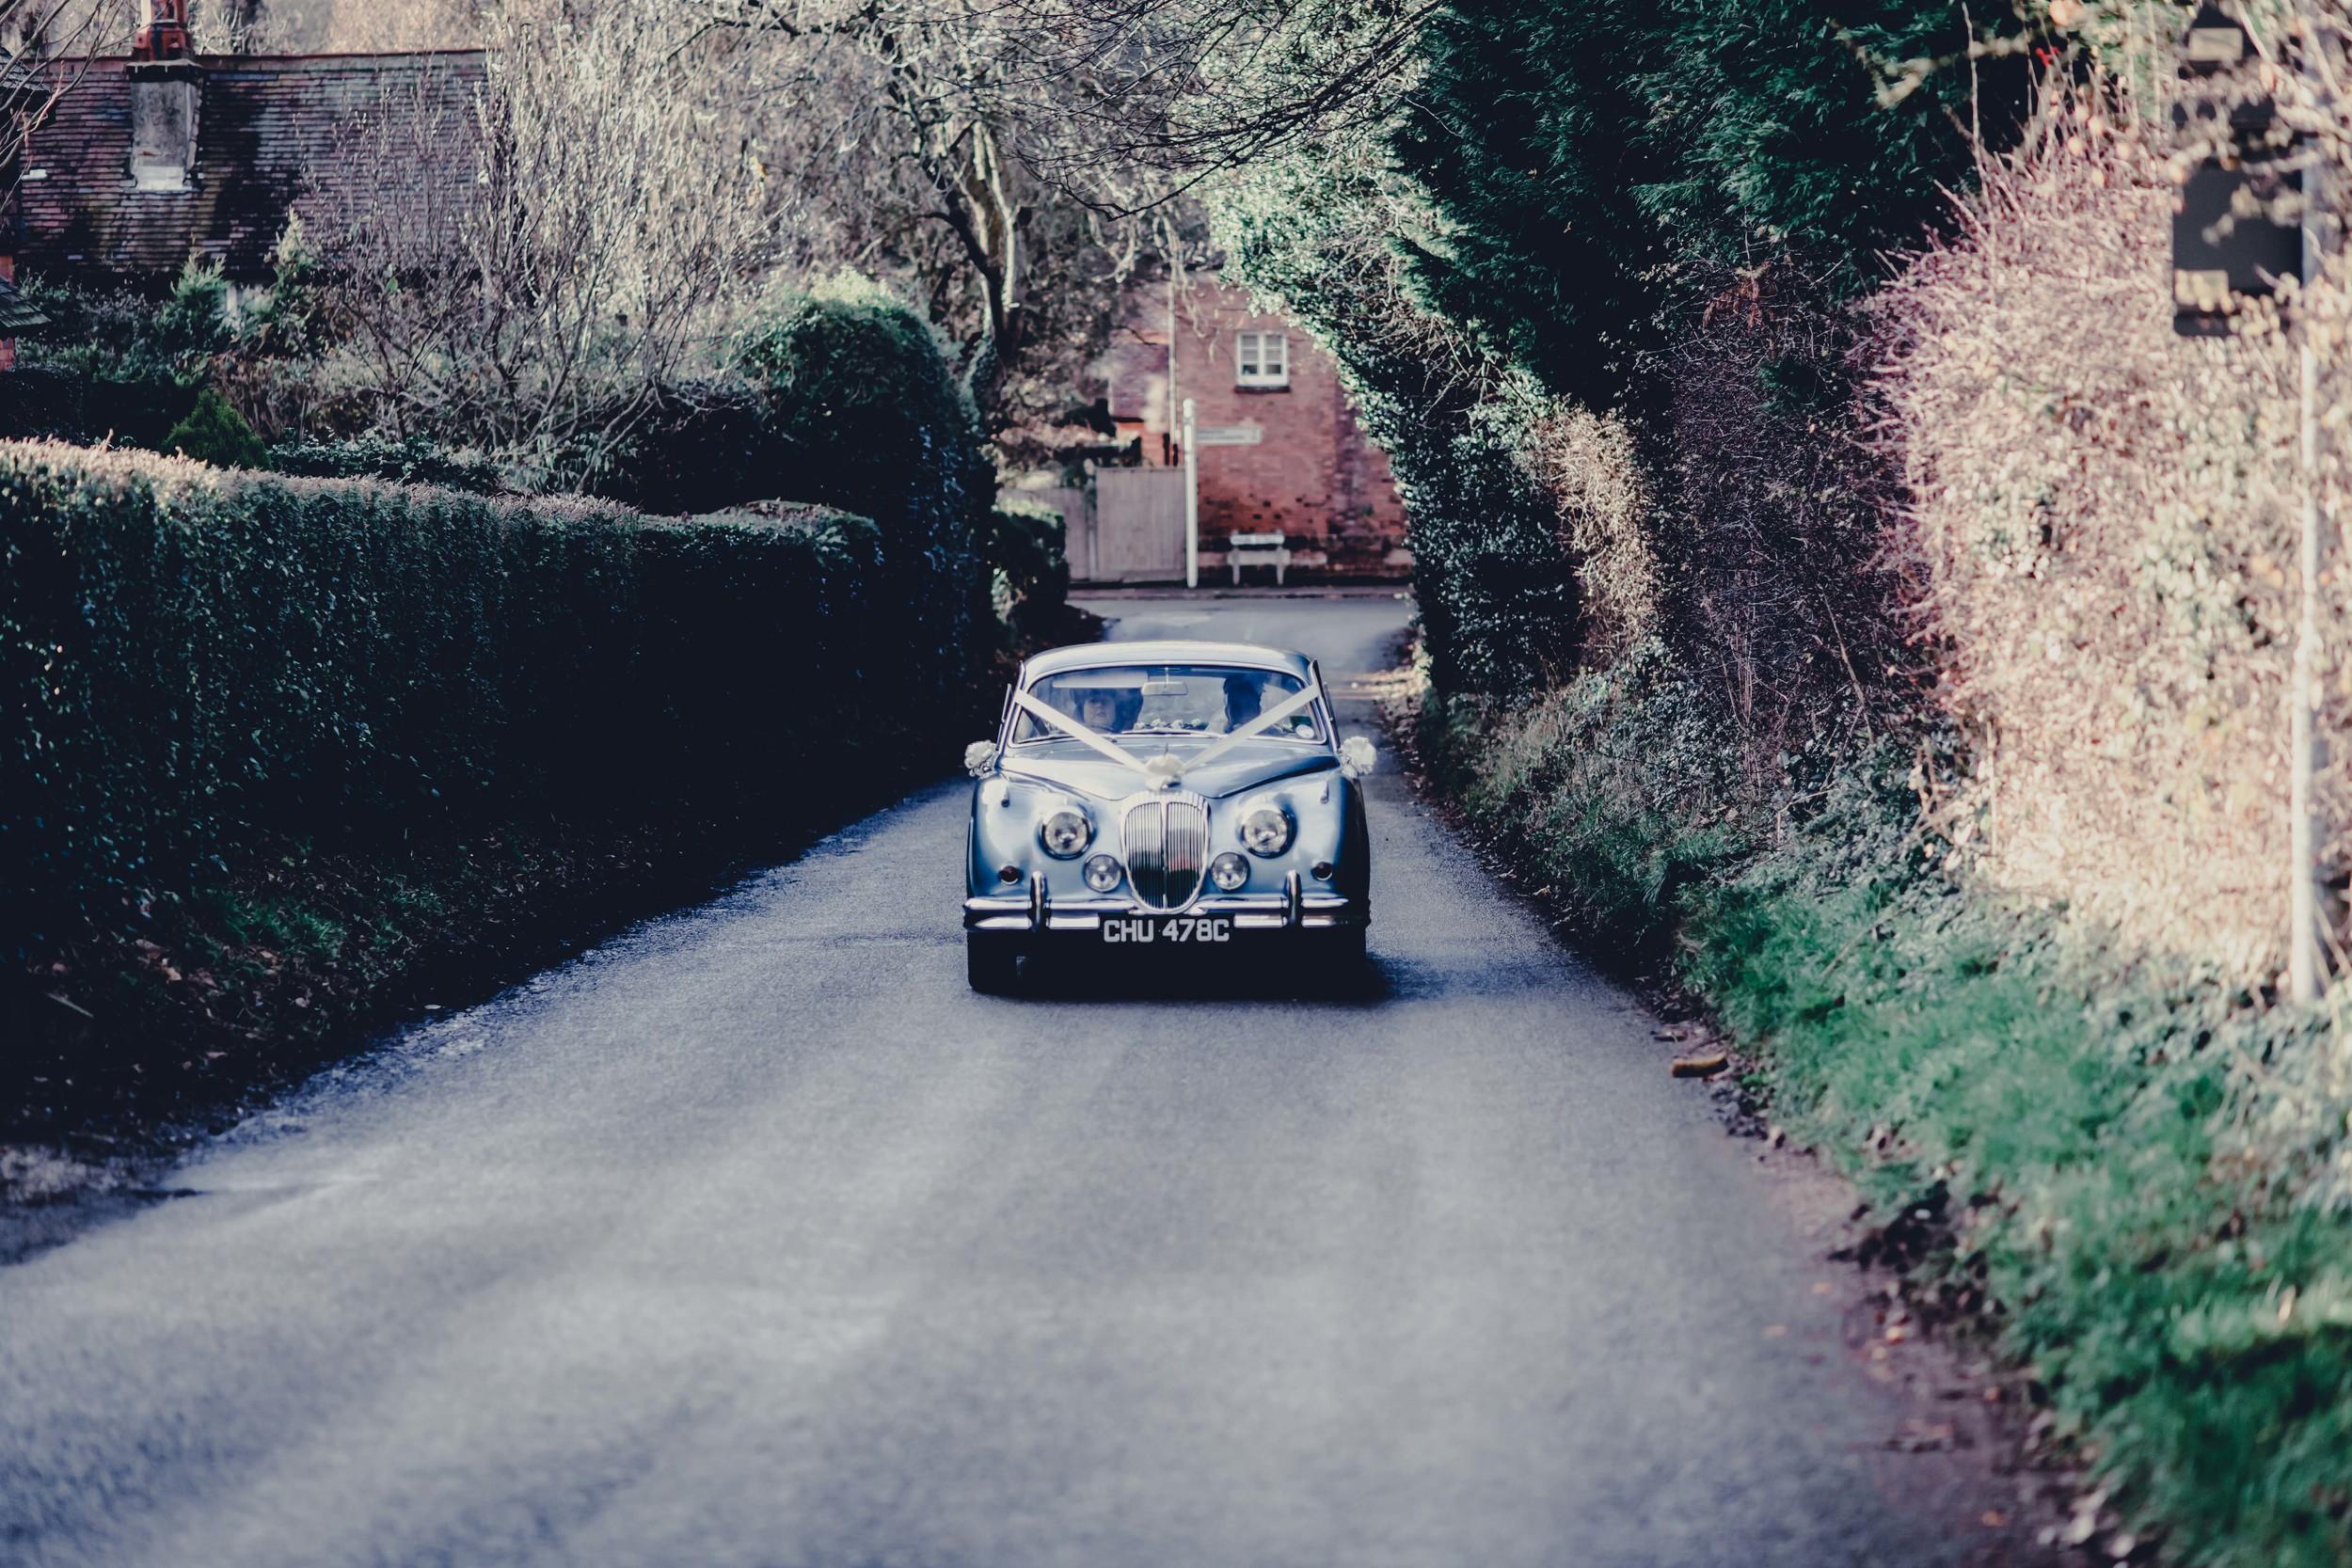 057 - Angela and Karls Wedding by www.markpugh.com -5828.jpg